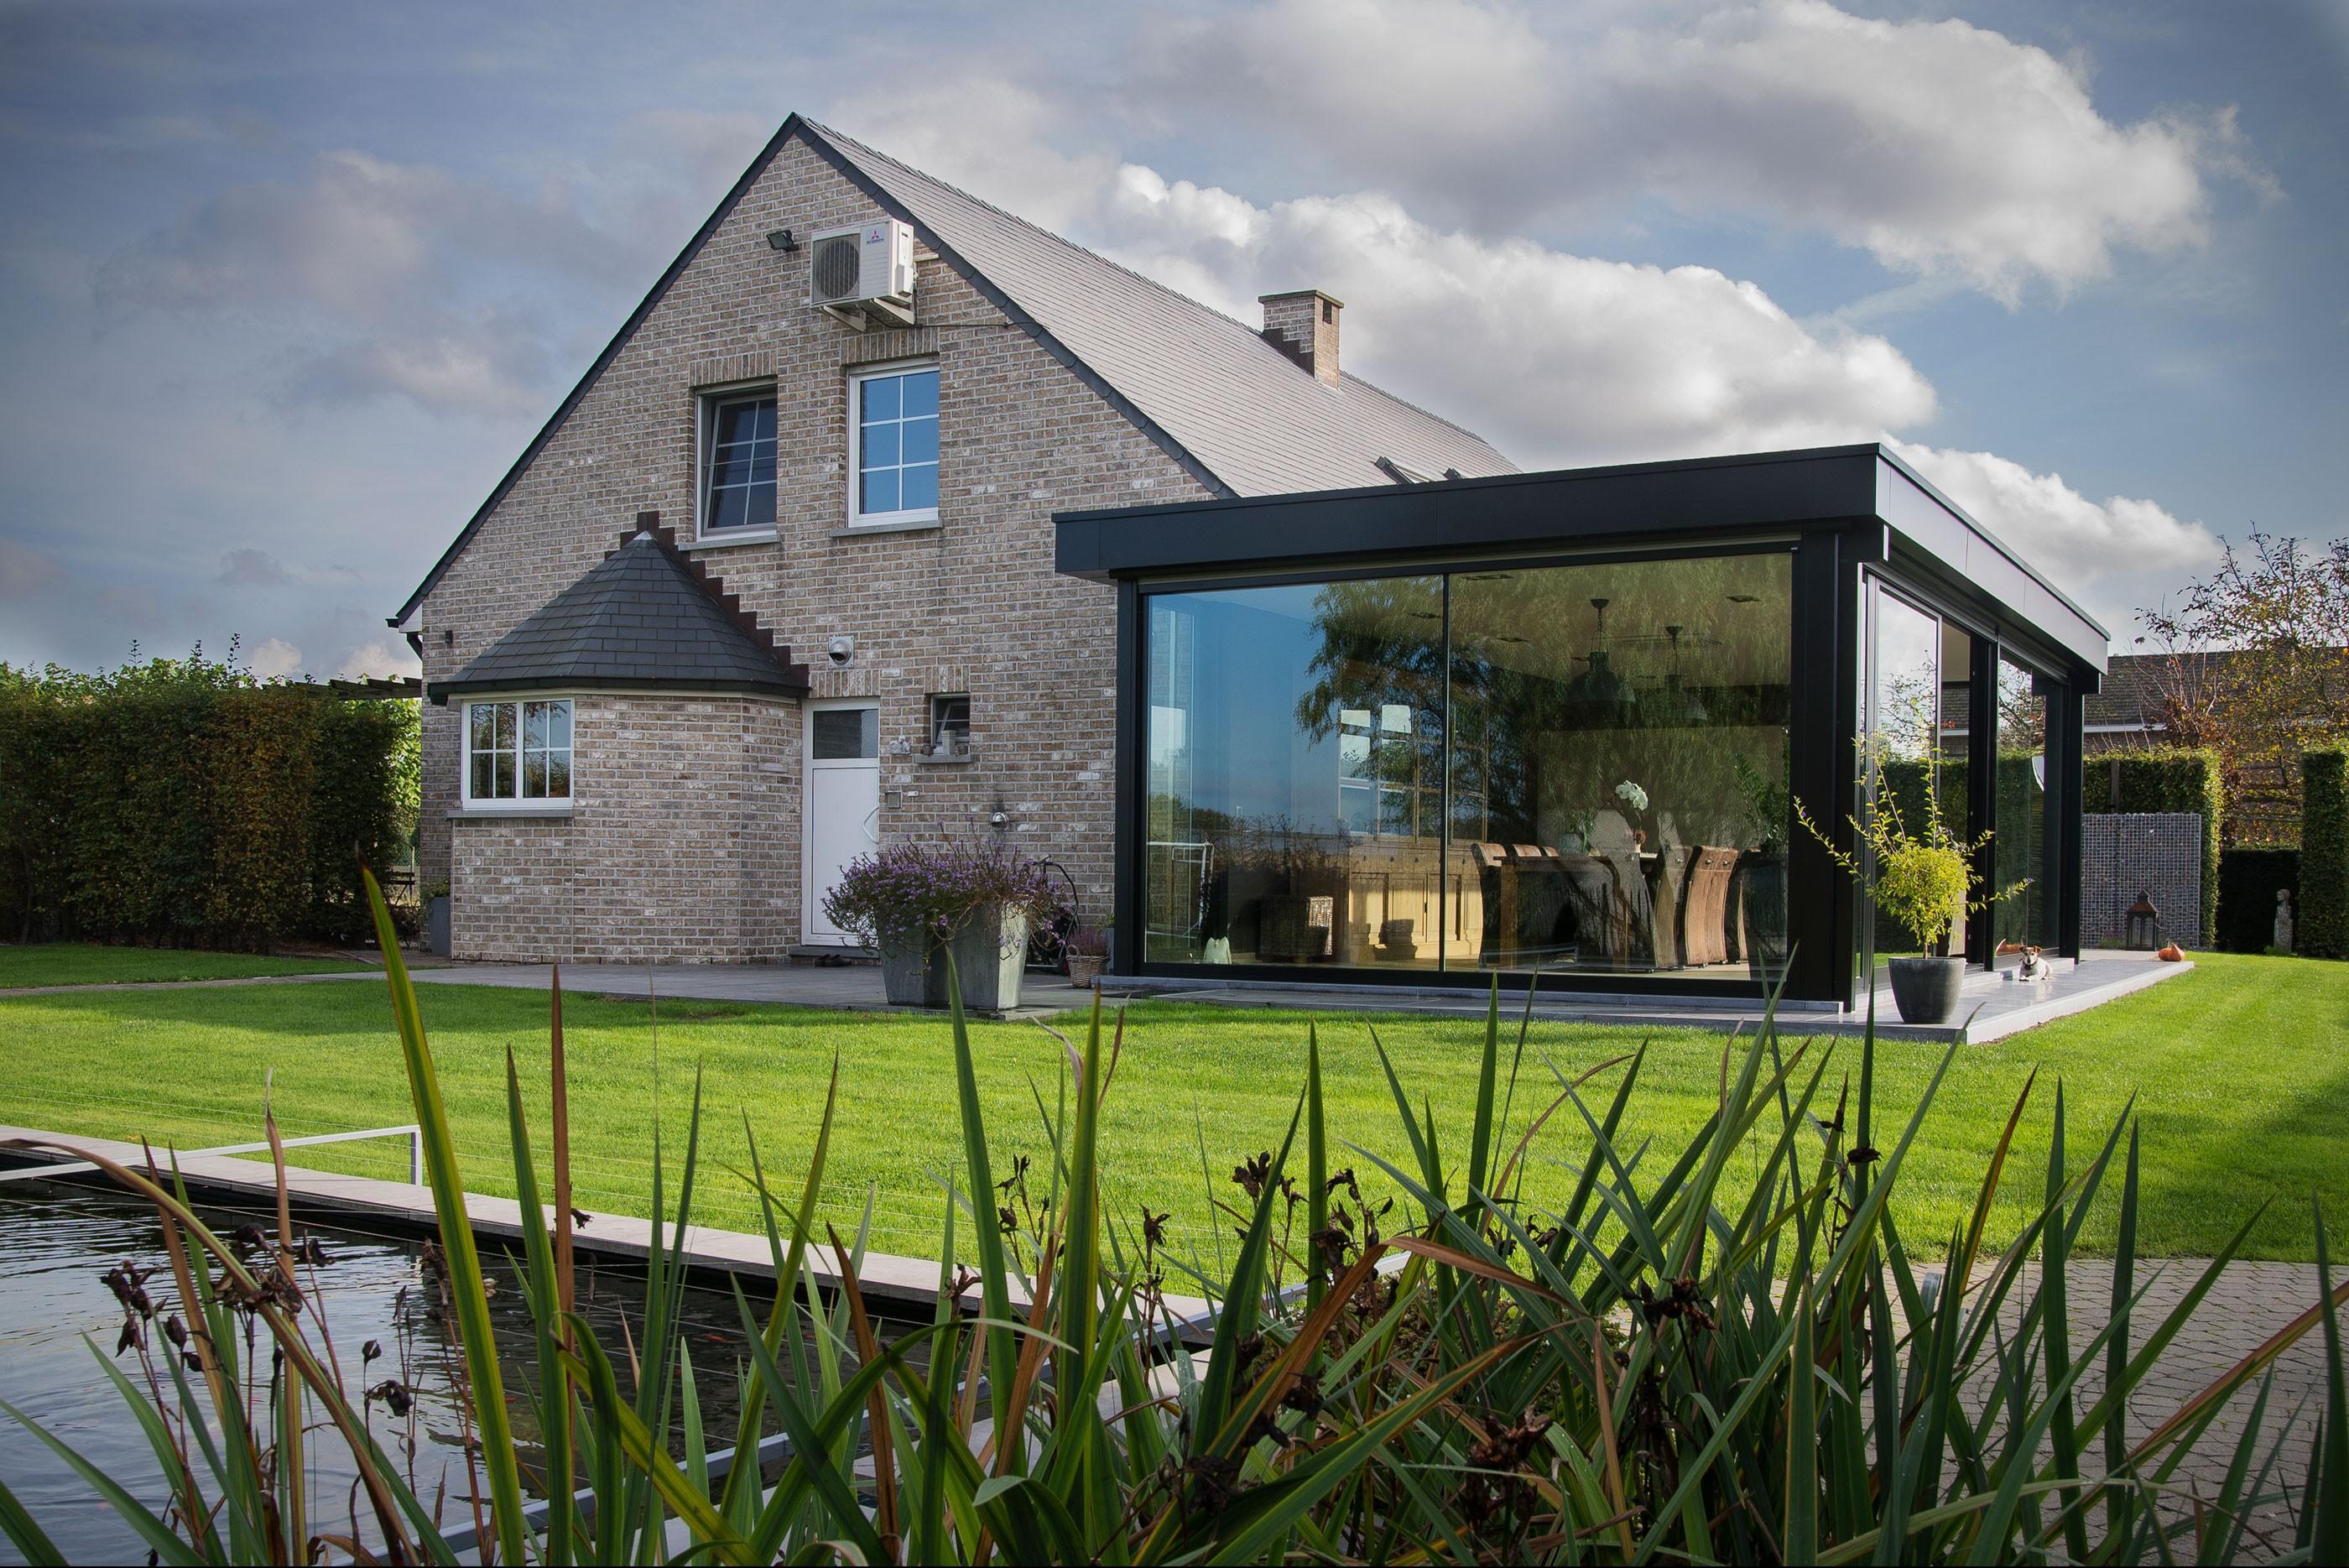 Serre aanbouw nederland bogers excellent for Maak een overdekt terras